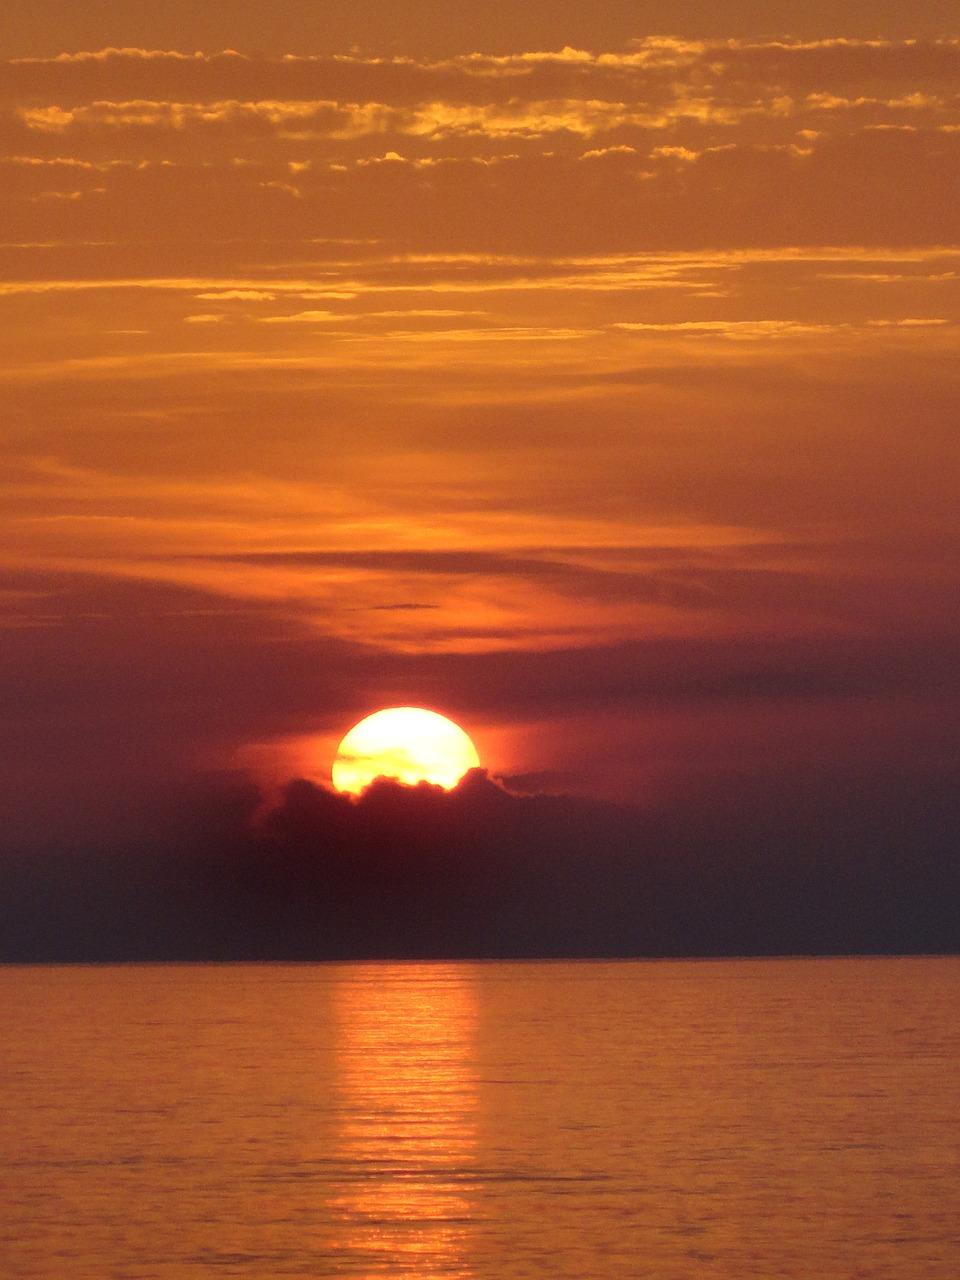 унисекс картинка оранжевый закат у моря этой